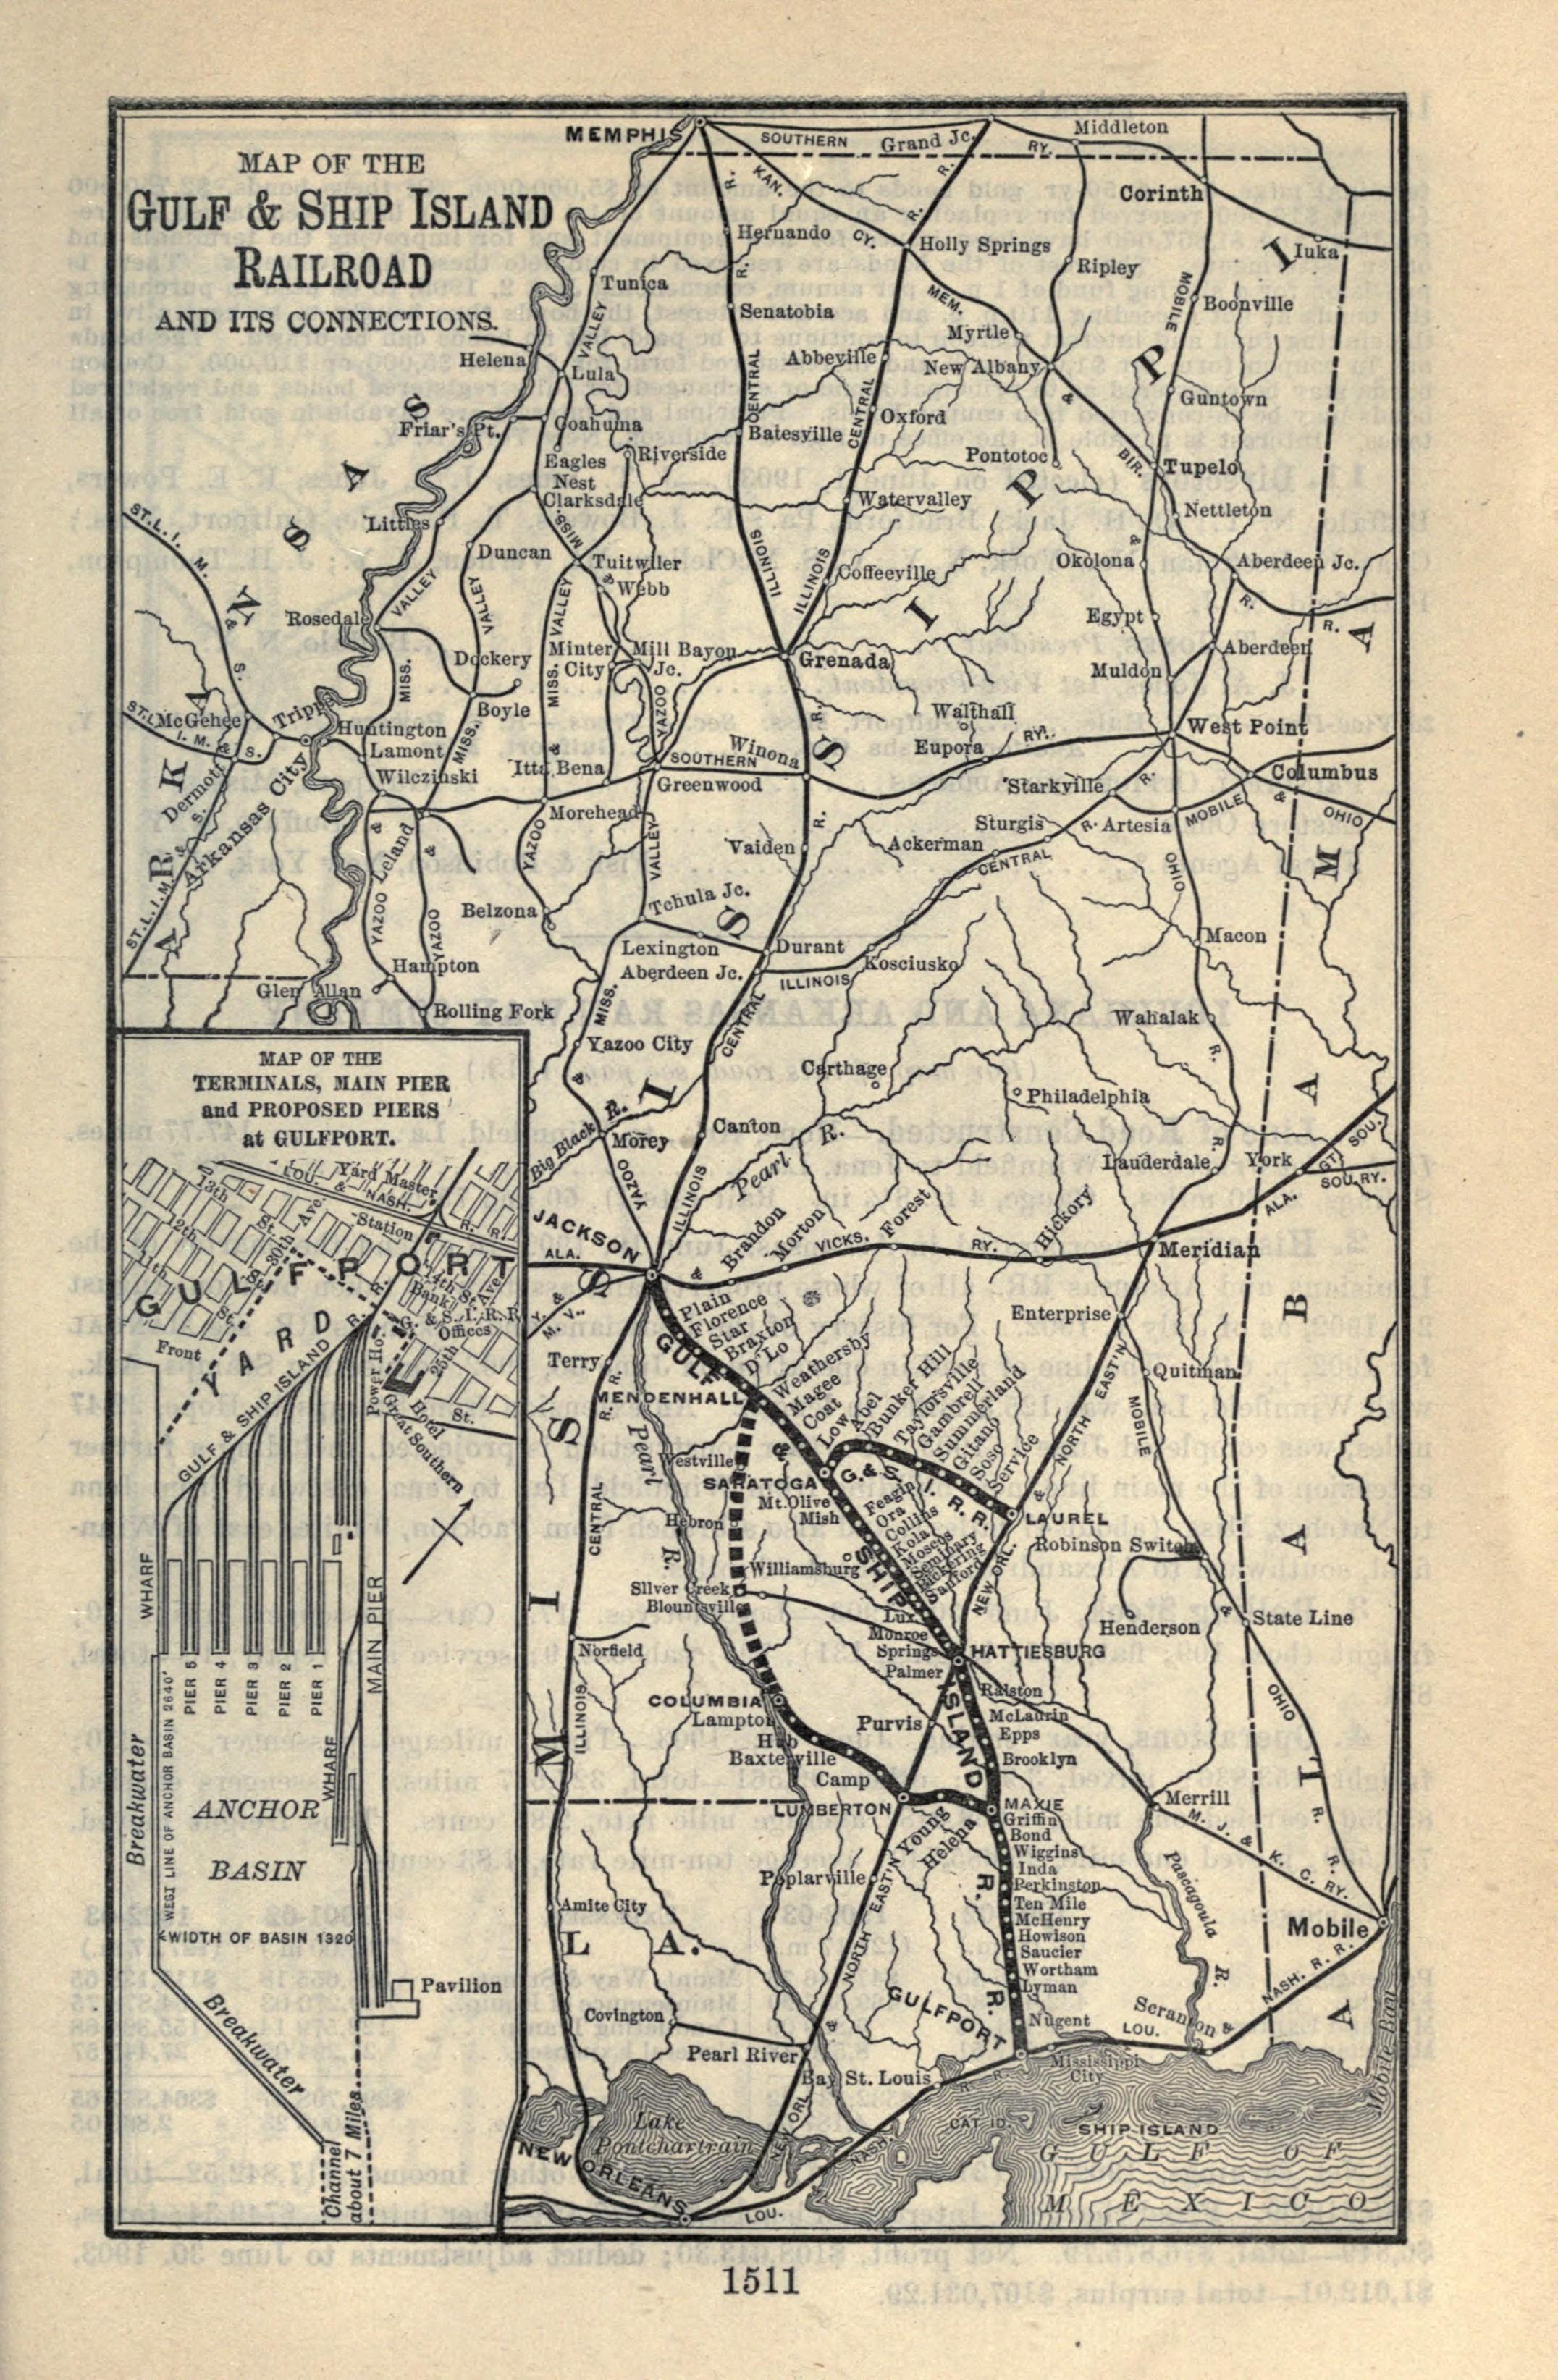 Gulf and Ship Island Railroad - Wikipedia